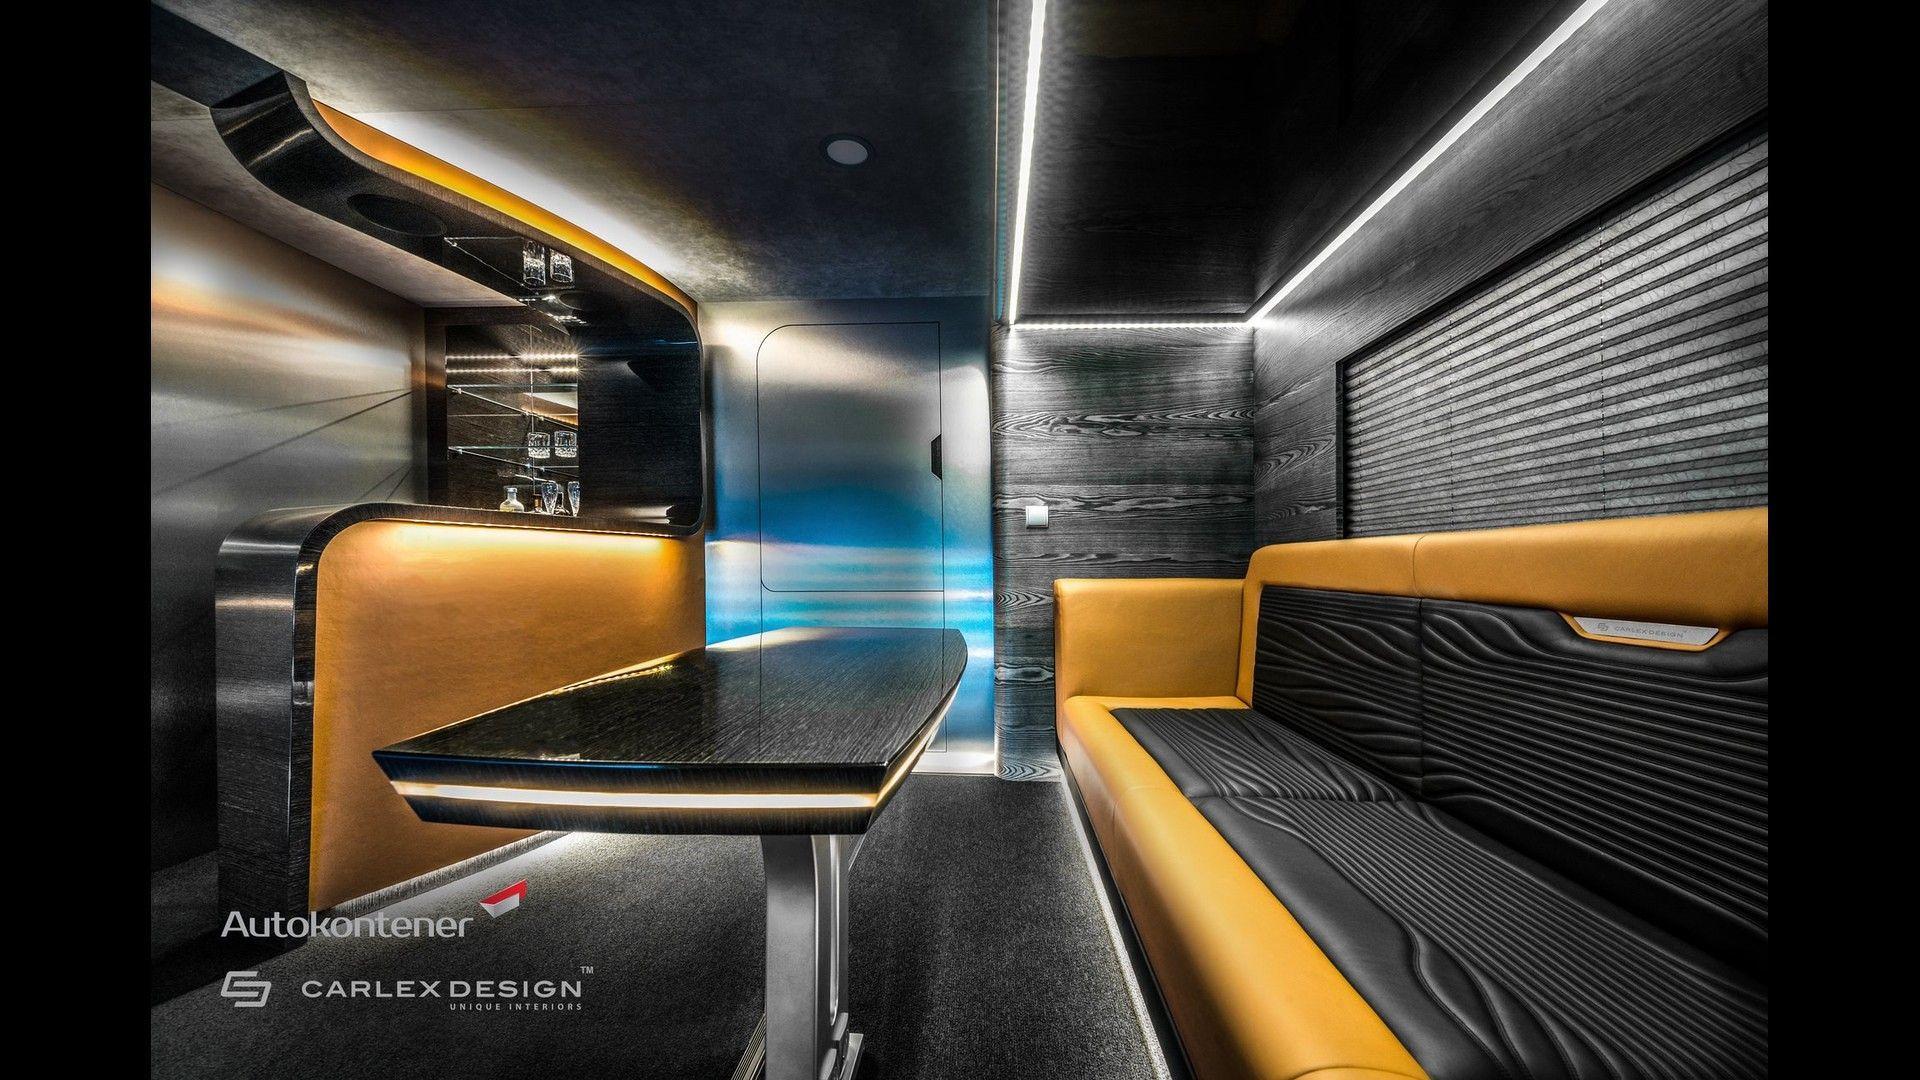 Carlex_Design_trailer_10